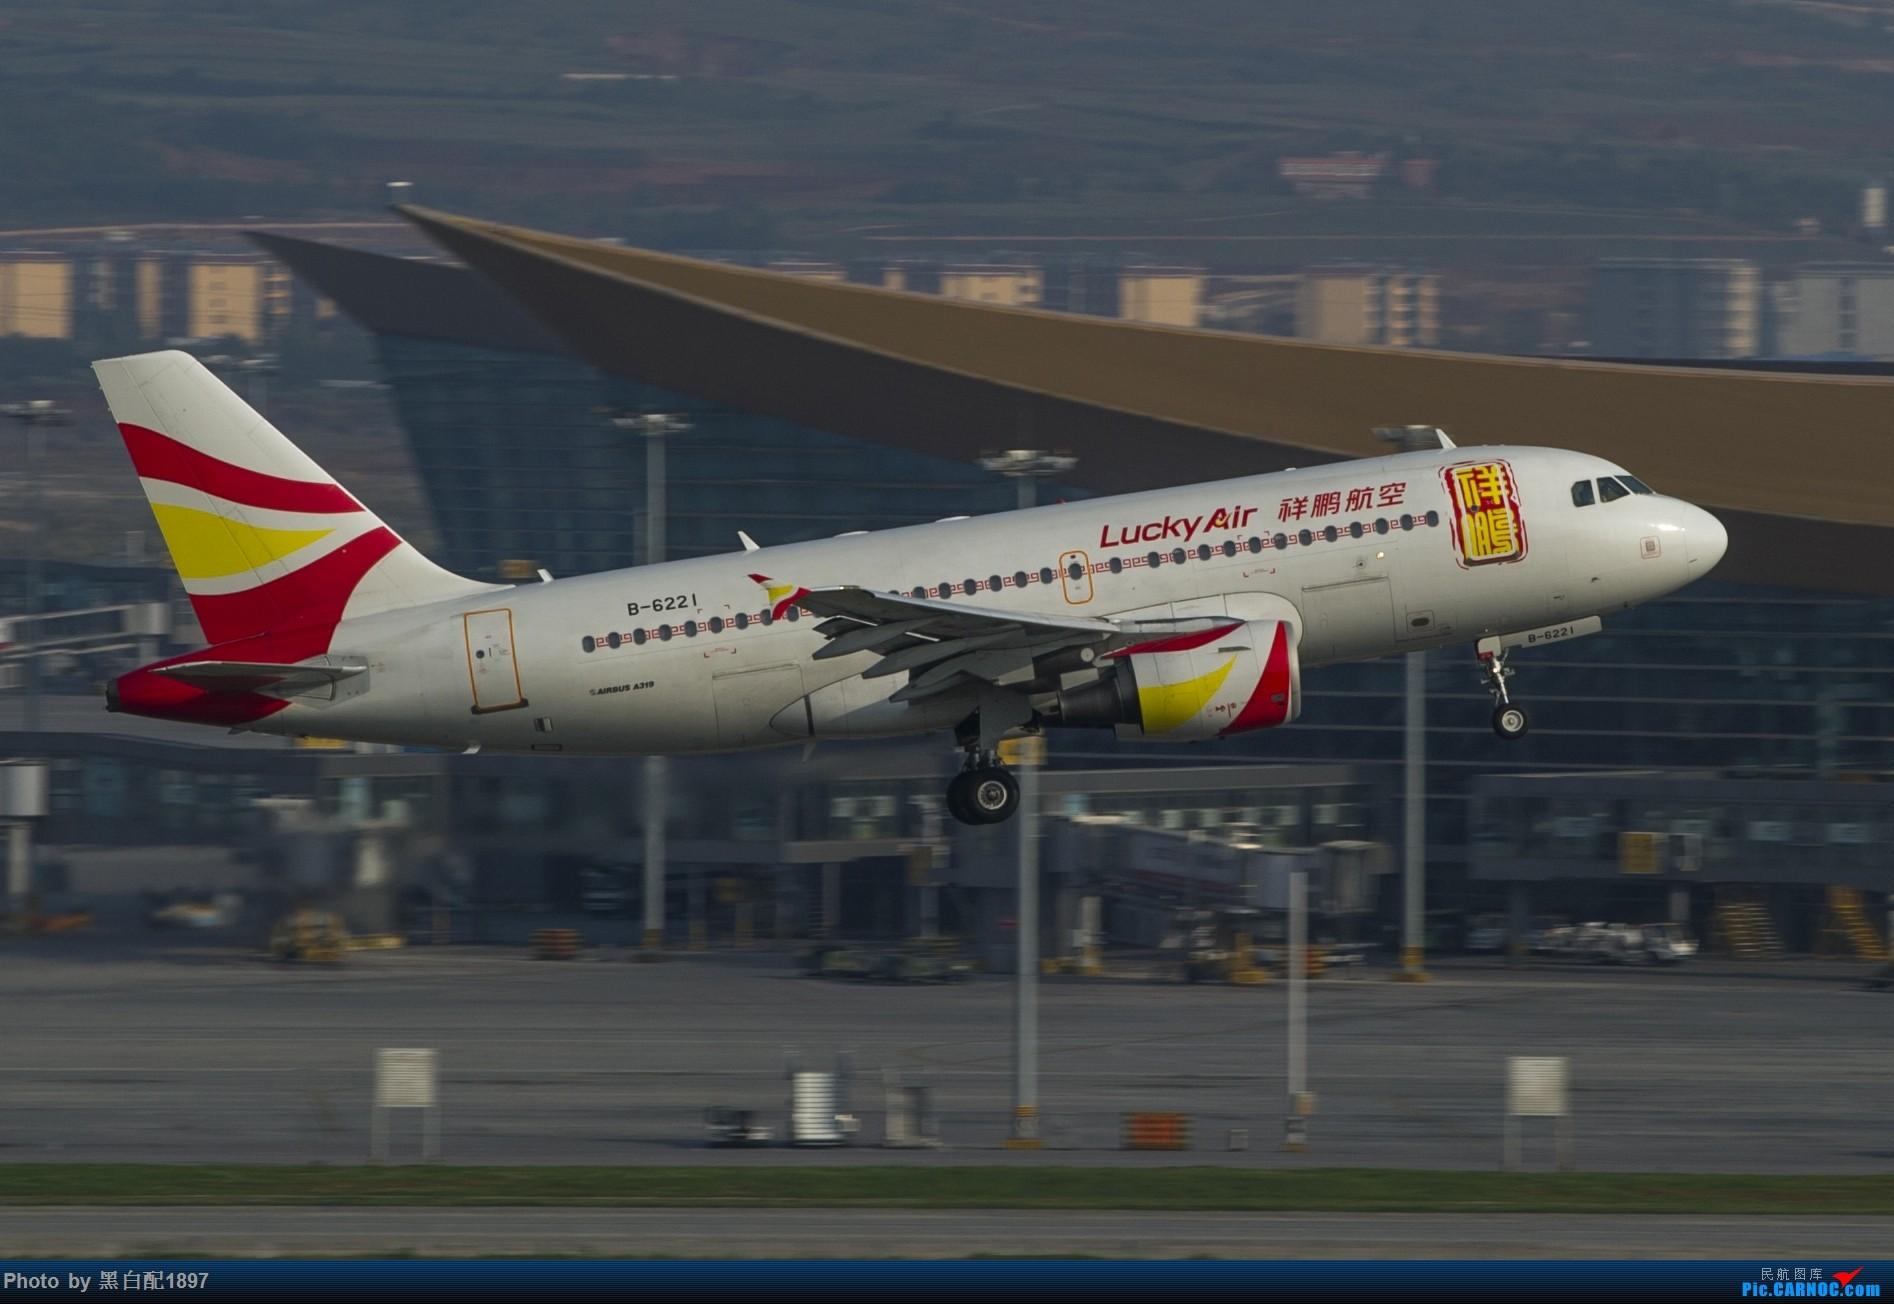 Re:[原创]国庆长水二日游之一 AIRBUS A319-100 B-6221 中国昆明长水国际机场